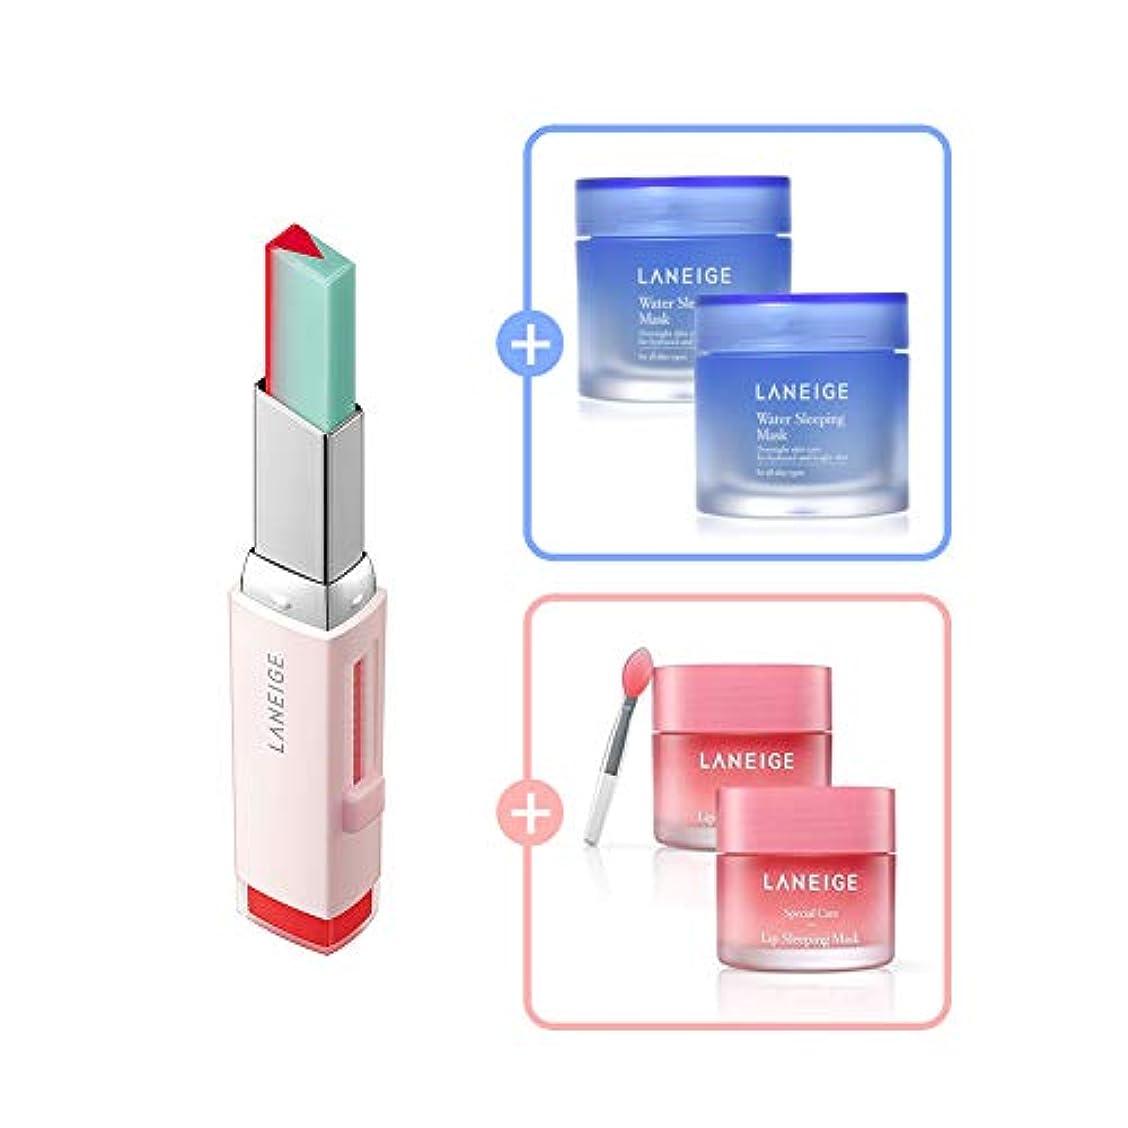 呼びかける上昇船Two Tone Tint Lip Bar 2g (No.3 Tint Mint)/ツートーン ティント バー 2g (No.3 ティント ミント) [数量限定!人気商品のサンプルプレゼント!]